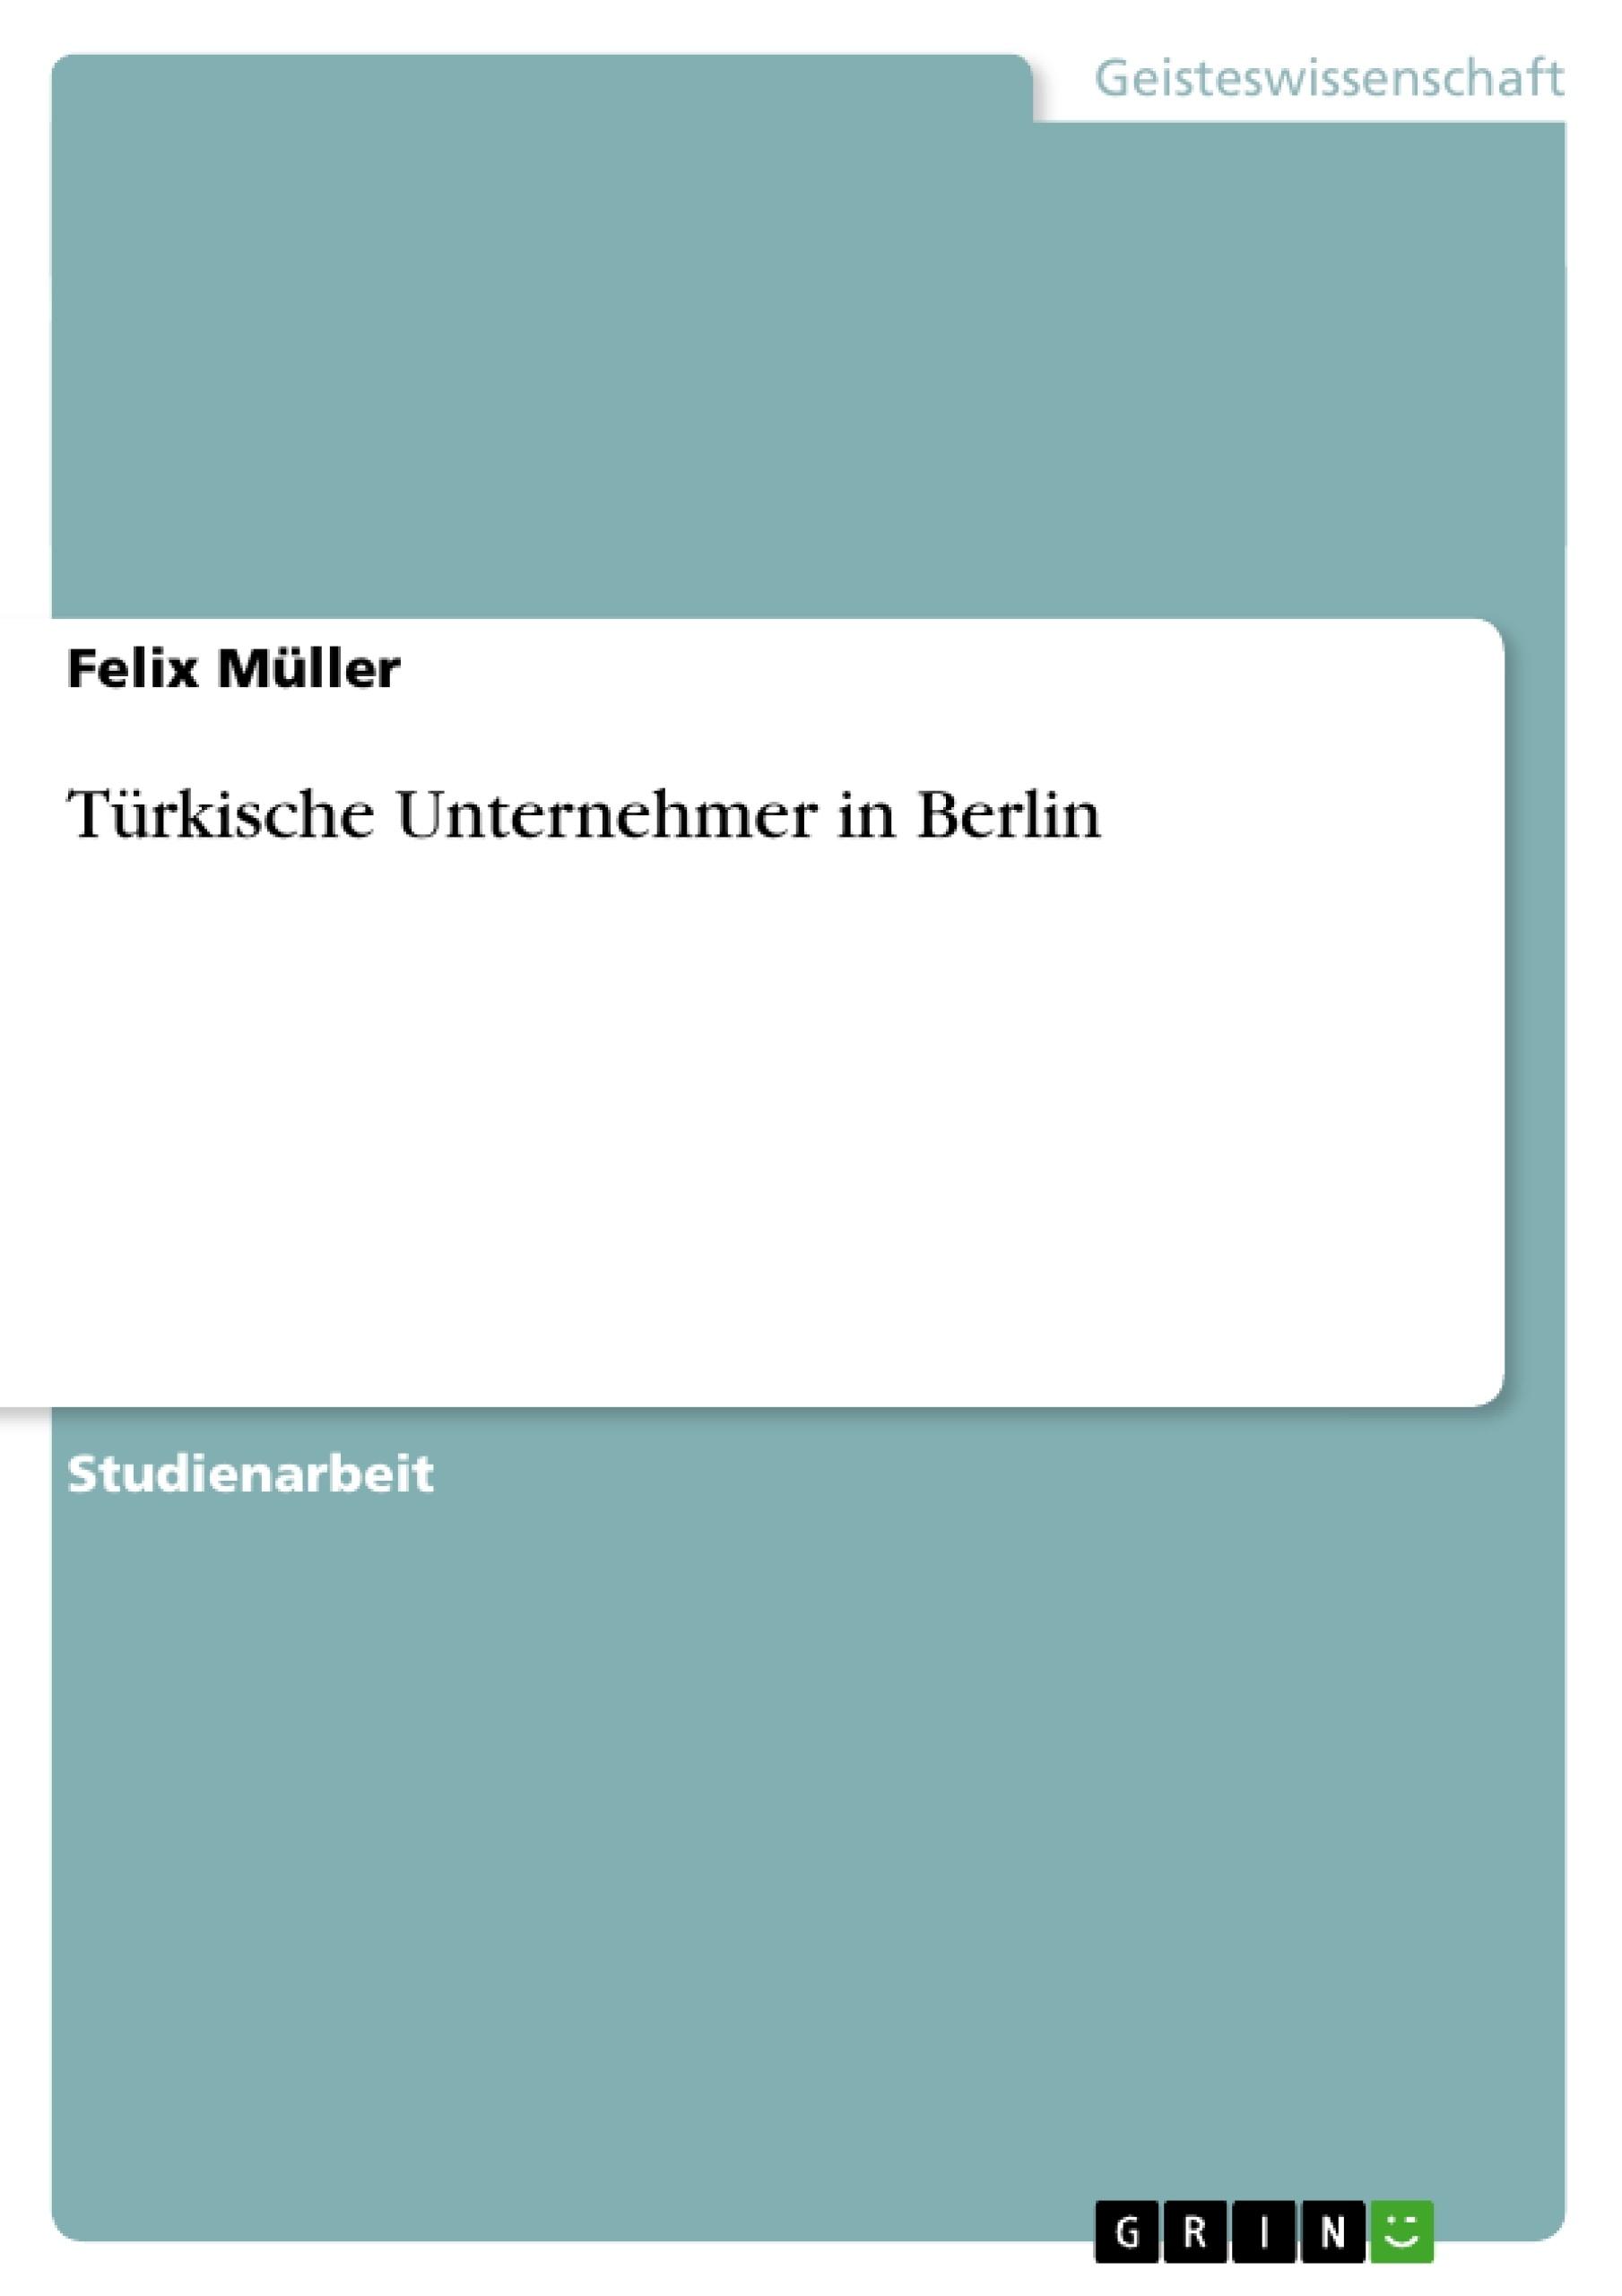 Titel: Türkische Unternehmer in Berlin